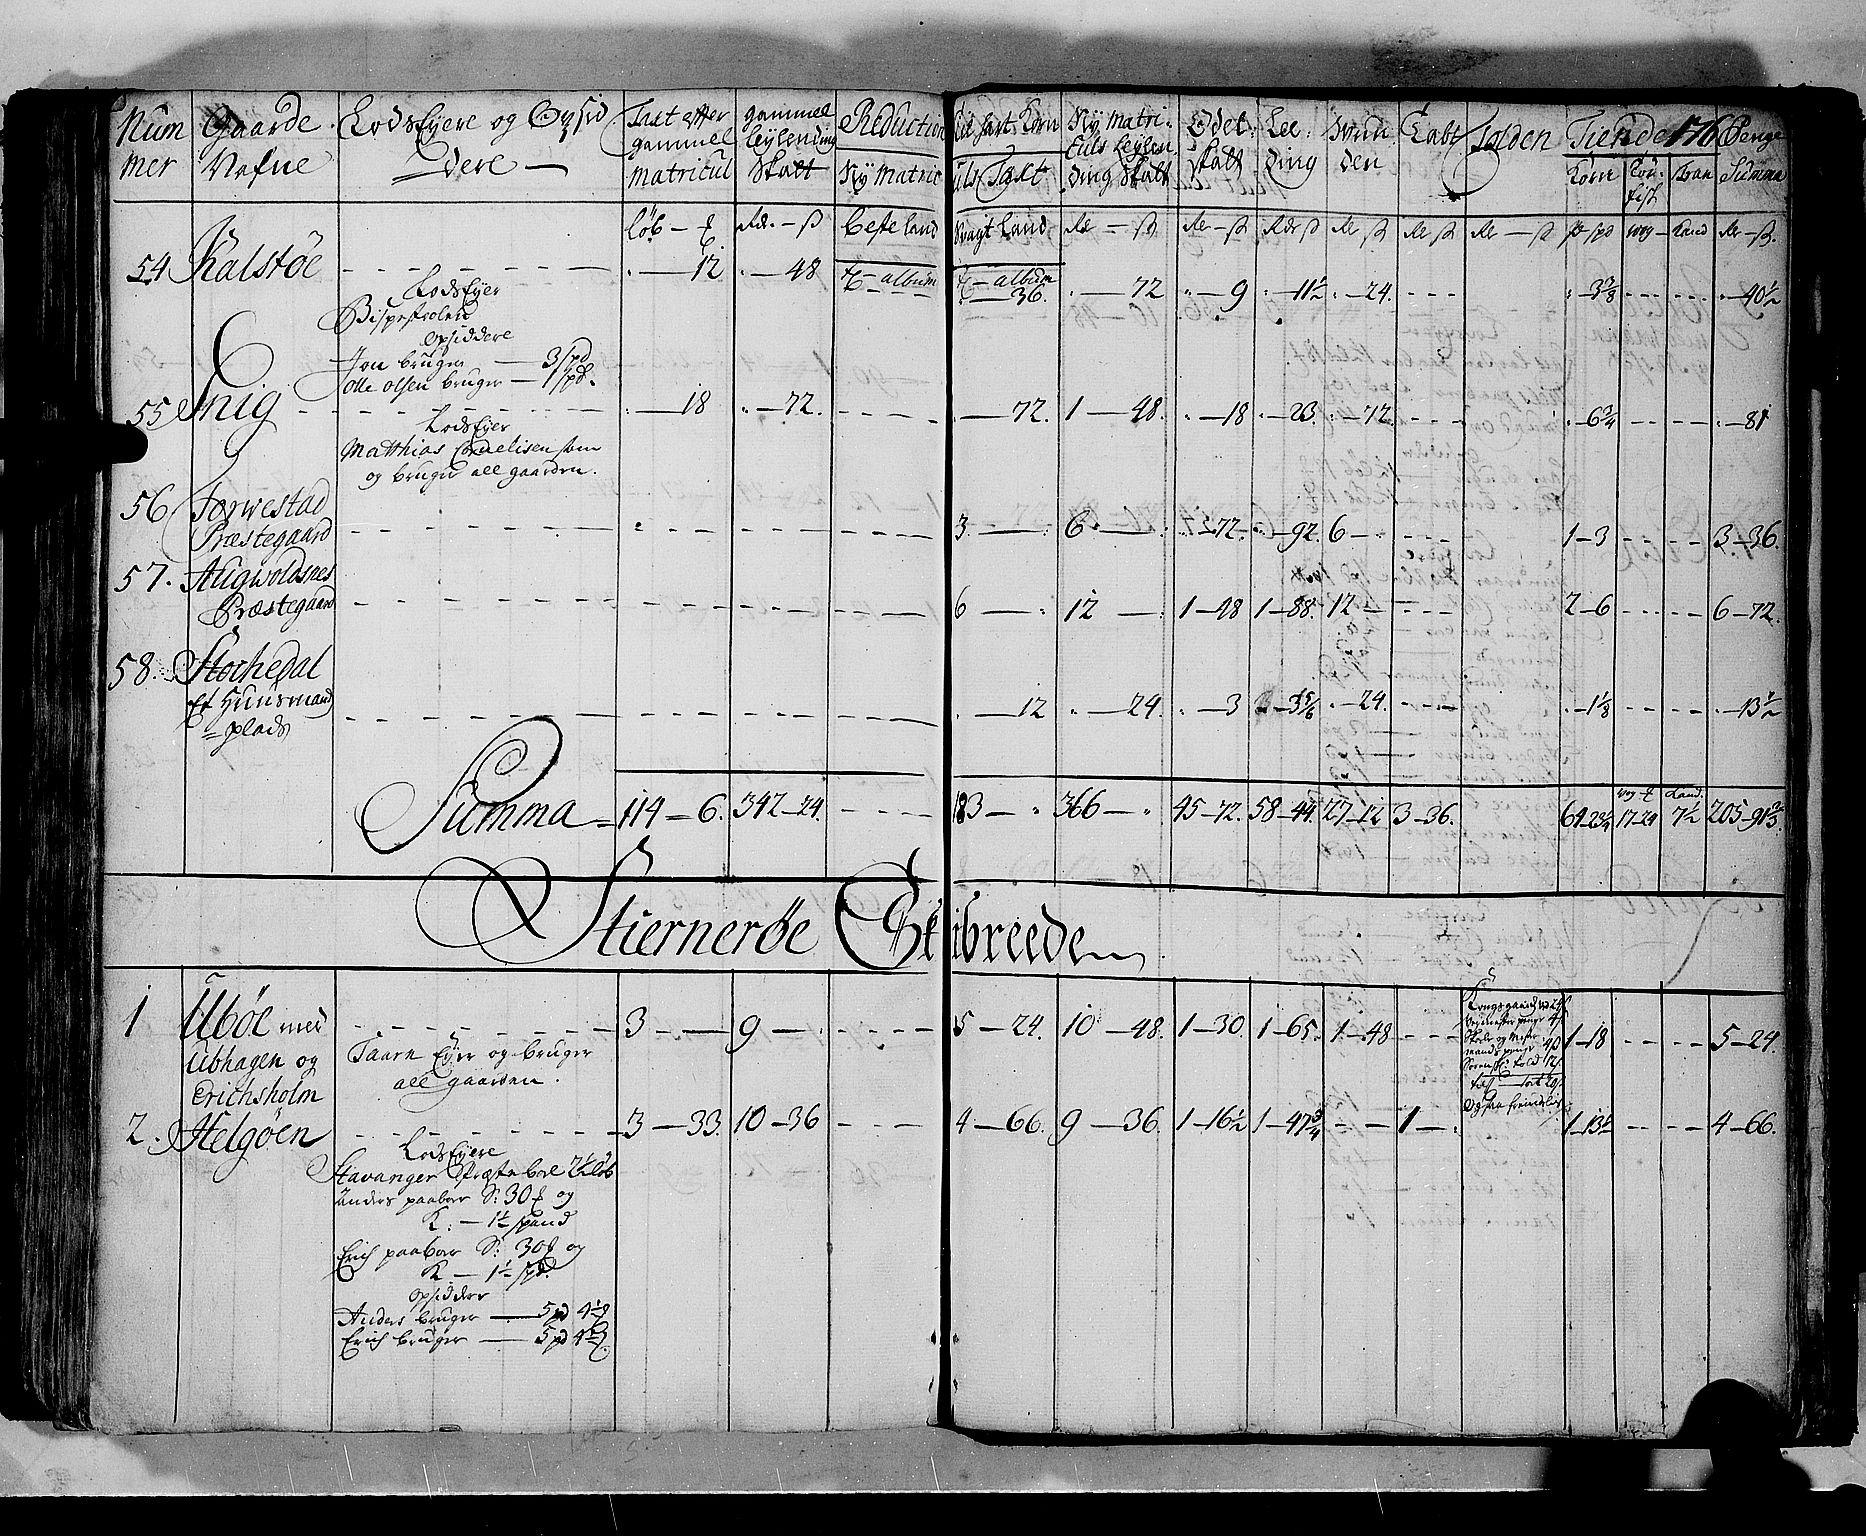 RA, Rentekammeret inntil 1814, Realistisk ordnet avdeling, N/Nb/Nbf/L0133b: Ryfylke matrikkelprotokoll, 1723, s. 175b-176a